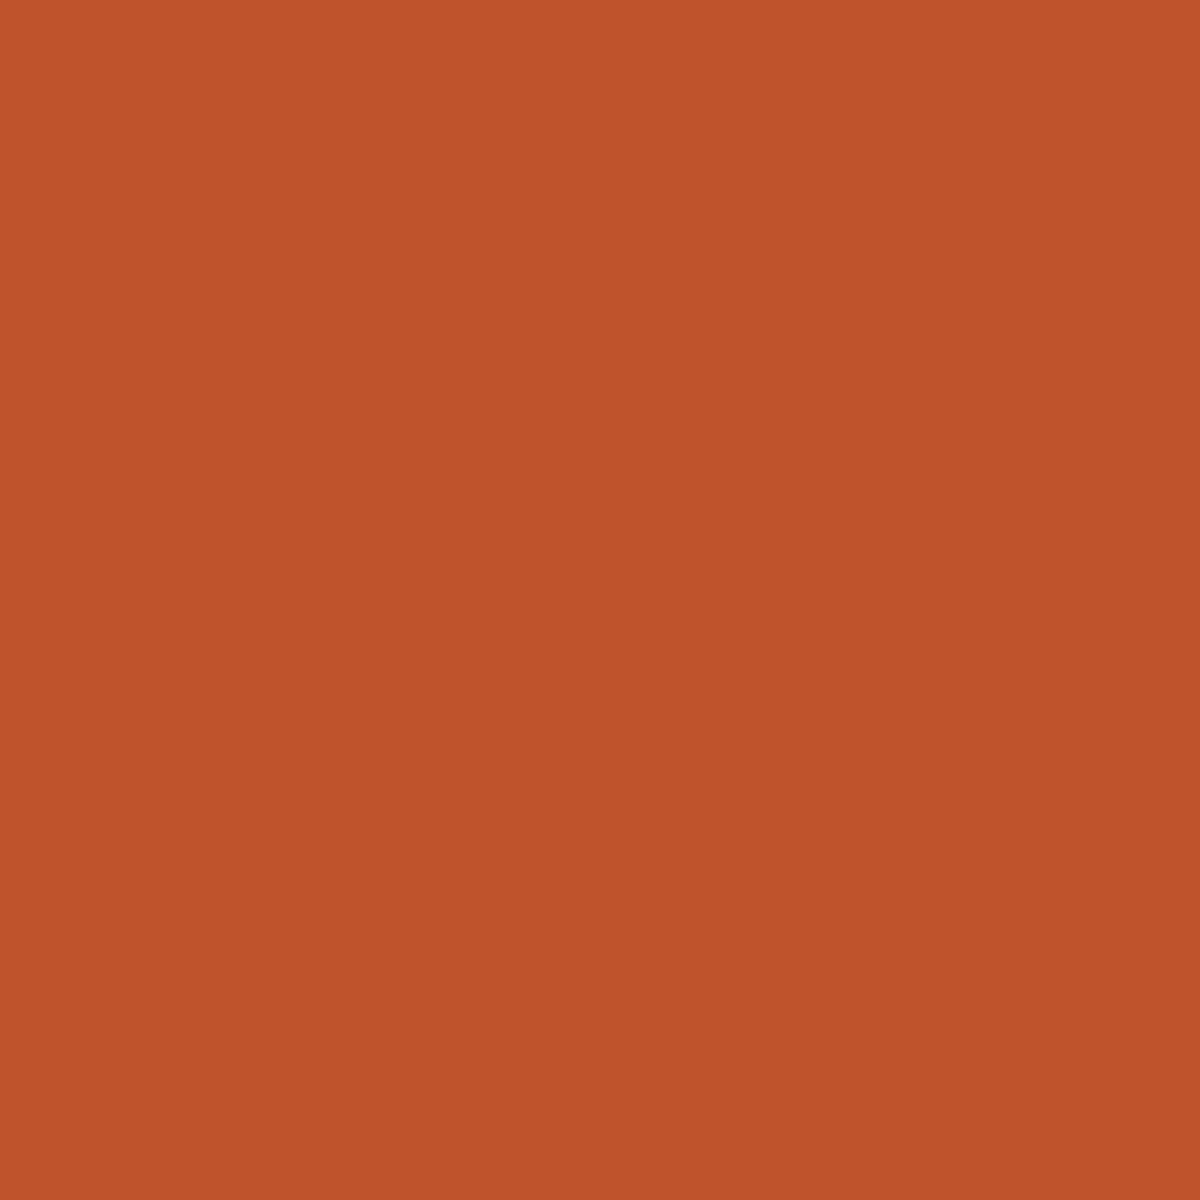 Vopsea lavabilă Chalkboard Fireball Orange, Benjamin Moore, 1 litru / cutie